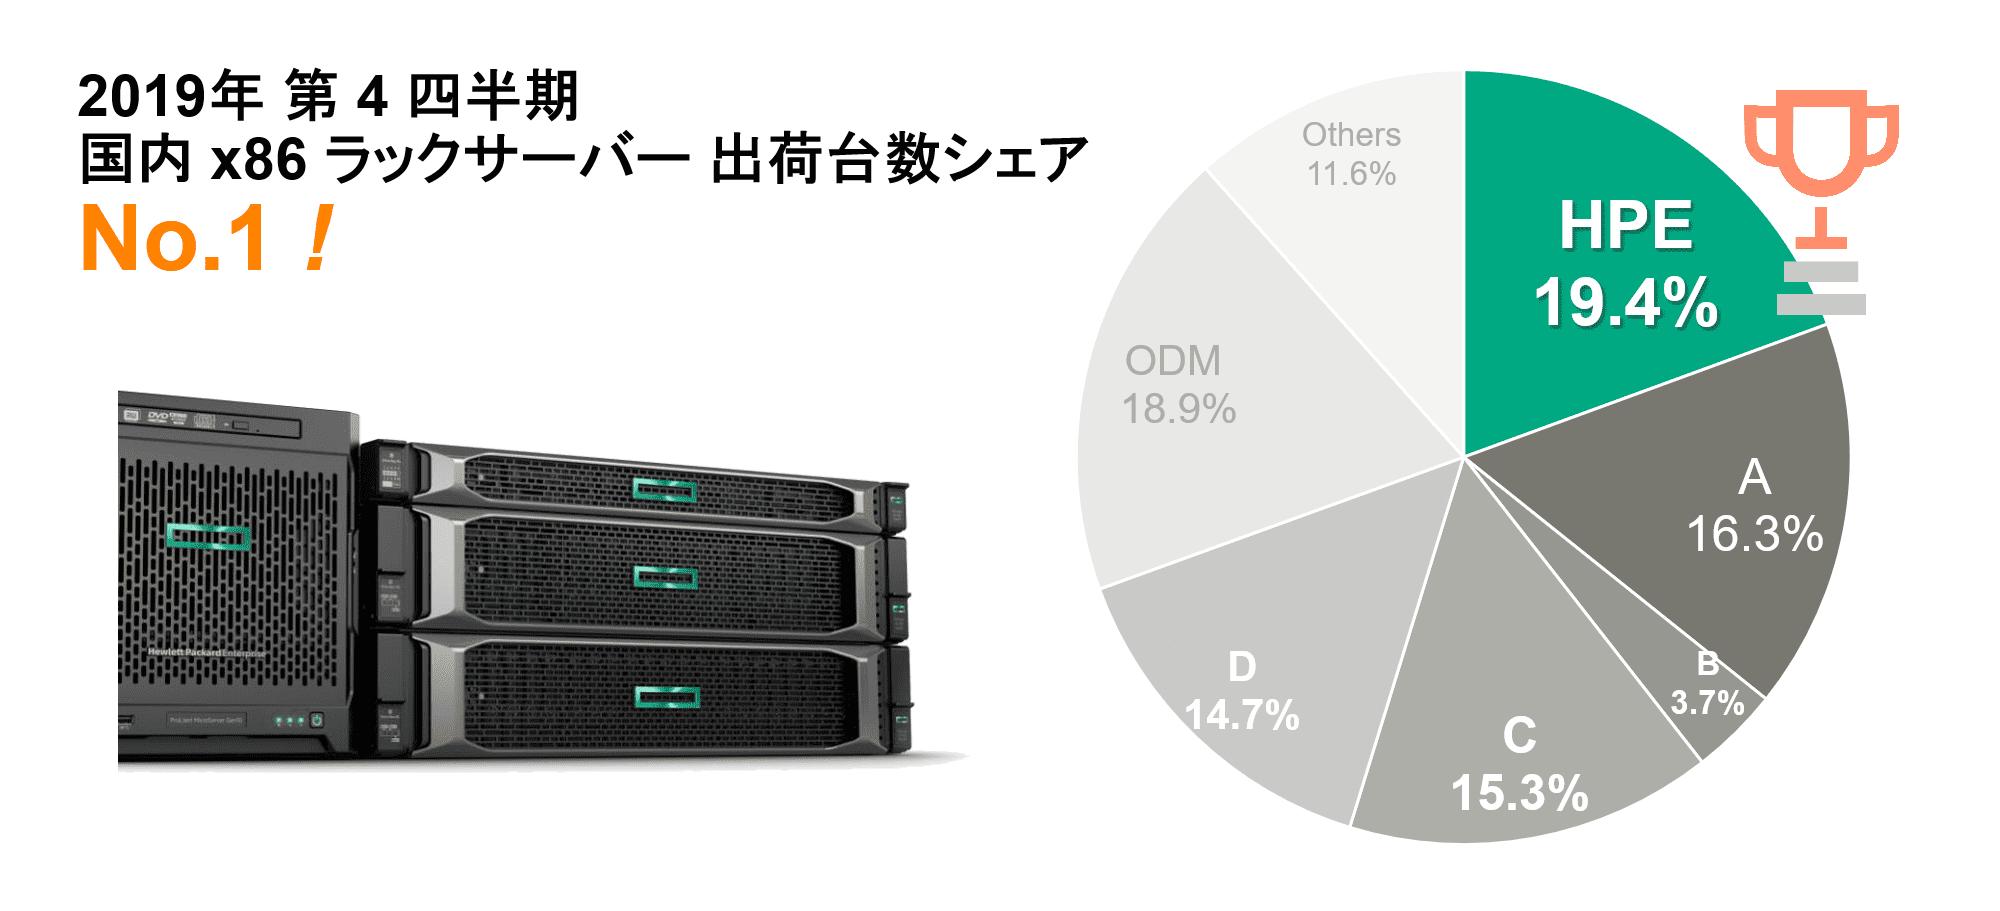 国内 x86 ラックサーバー 出荷台数シェアNo.1